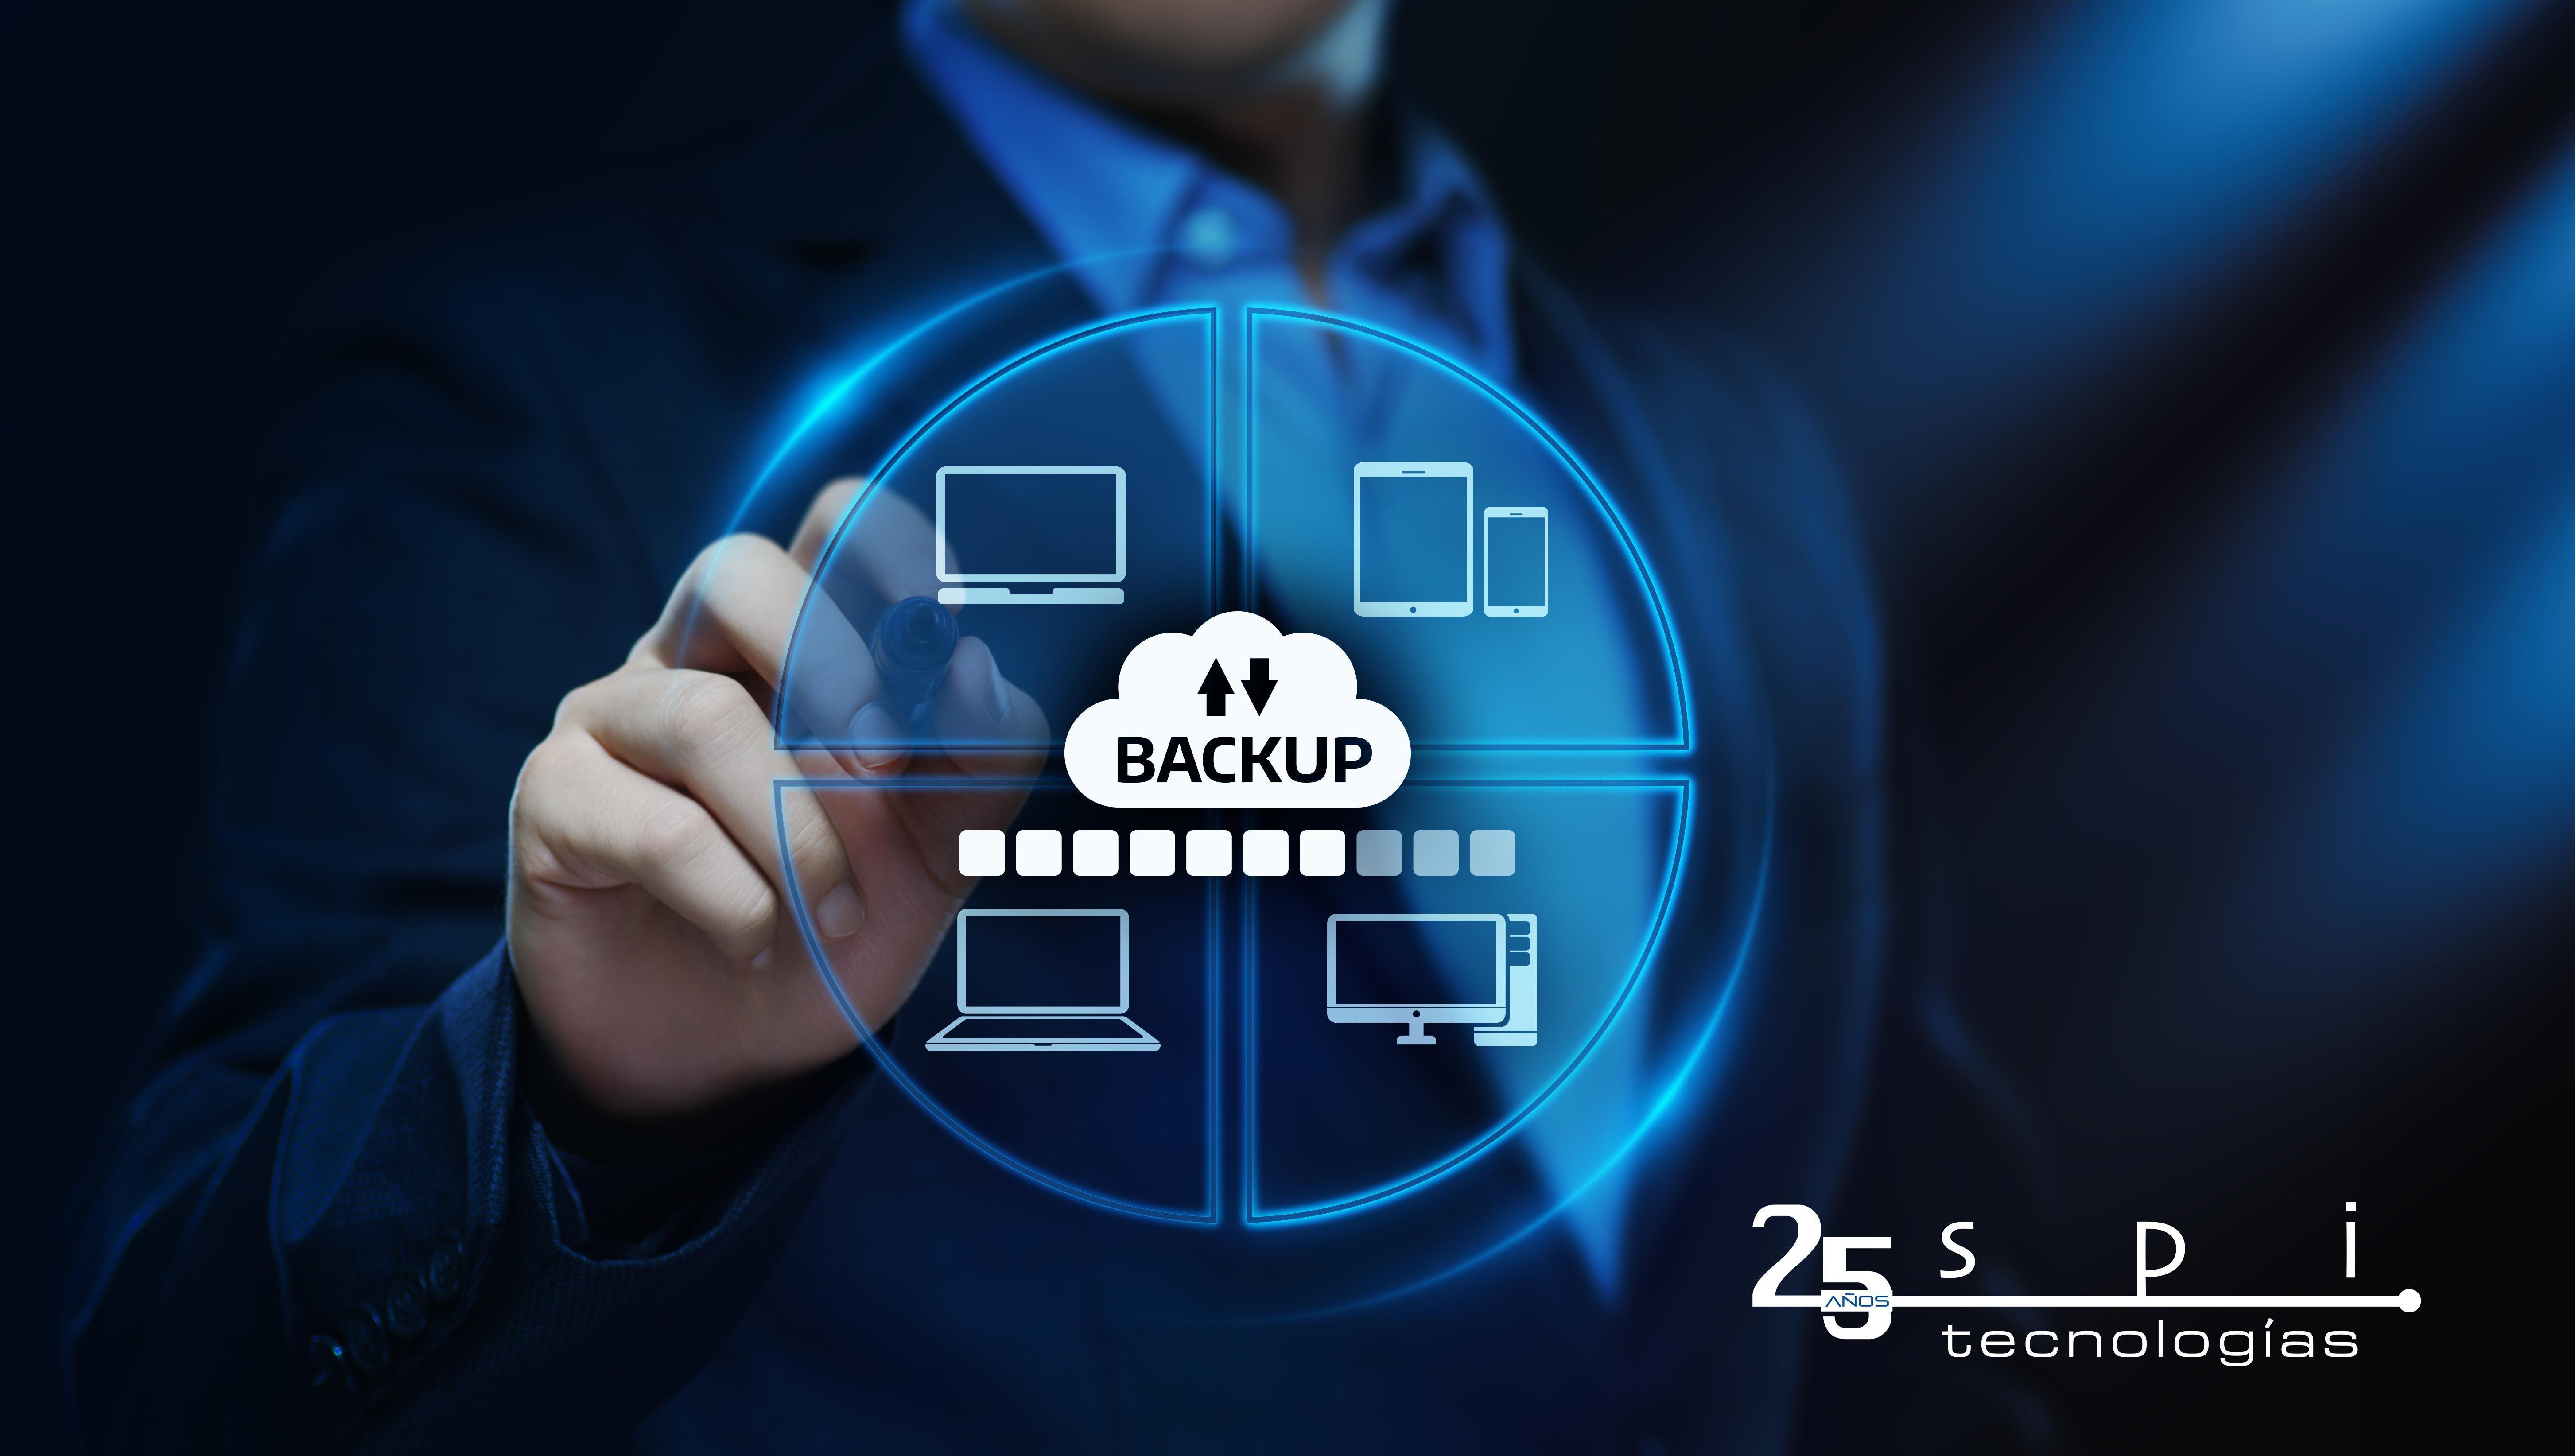 Foto de Backup online SPI Tecnologías